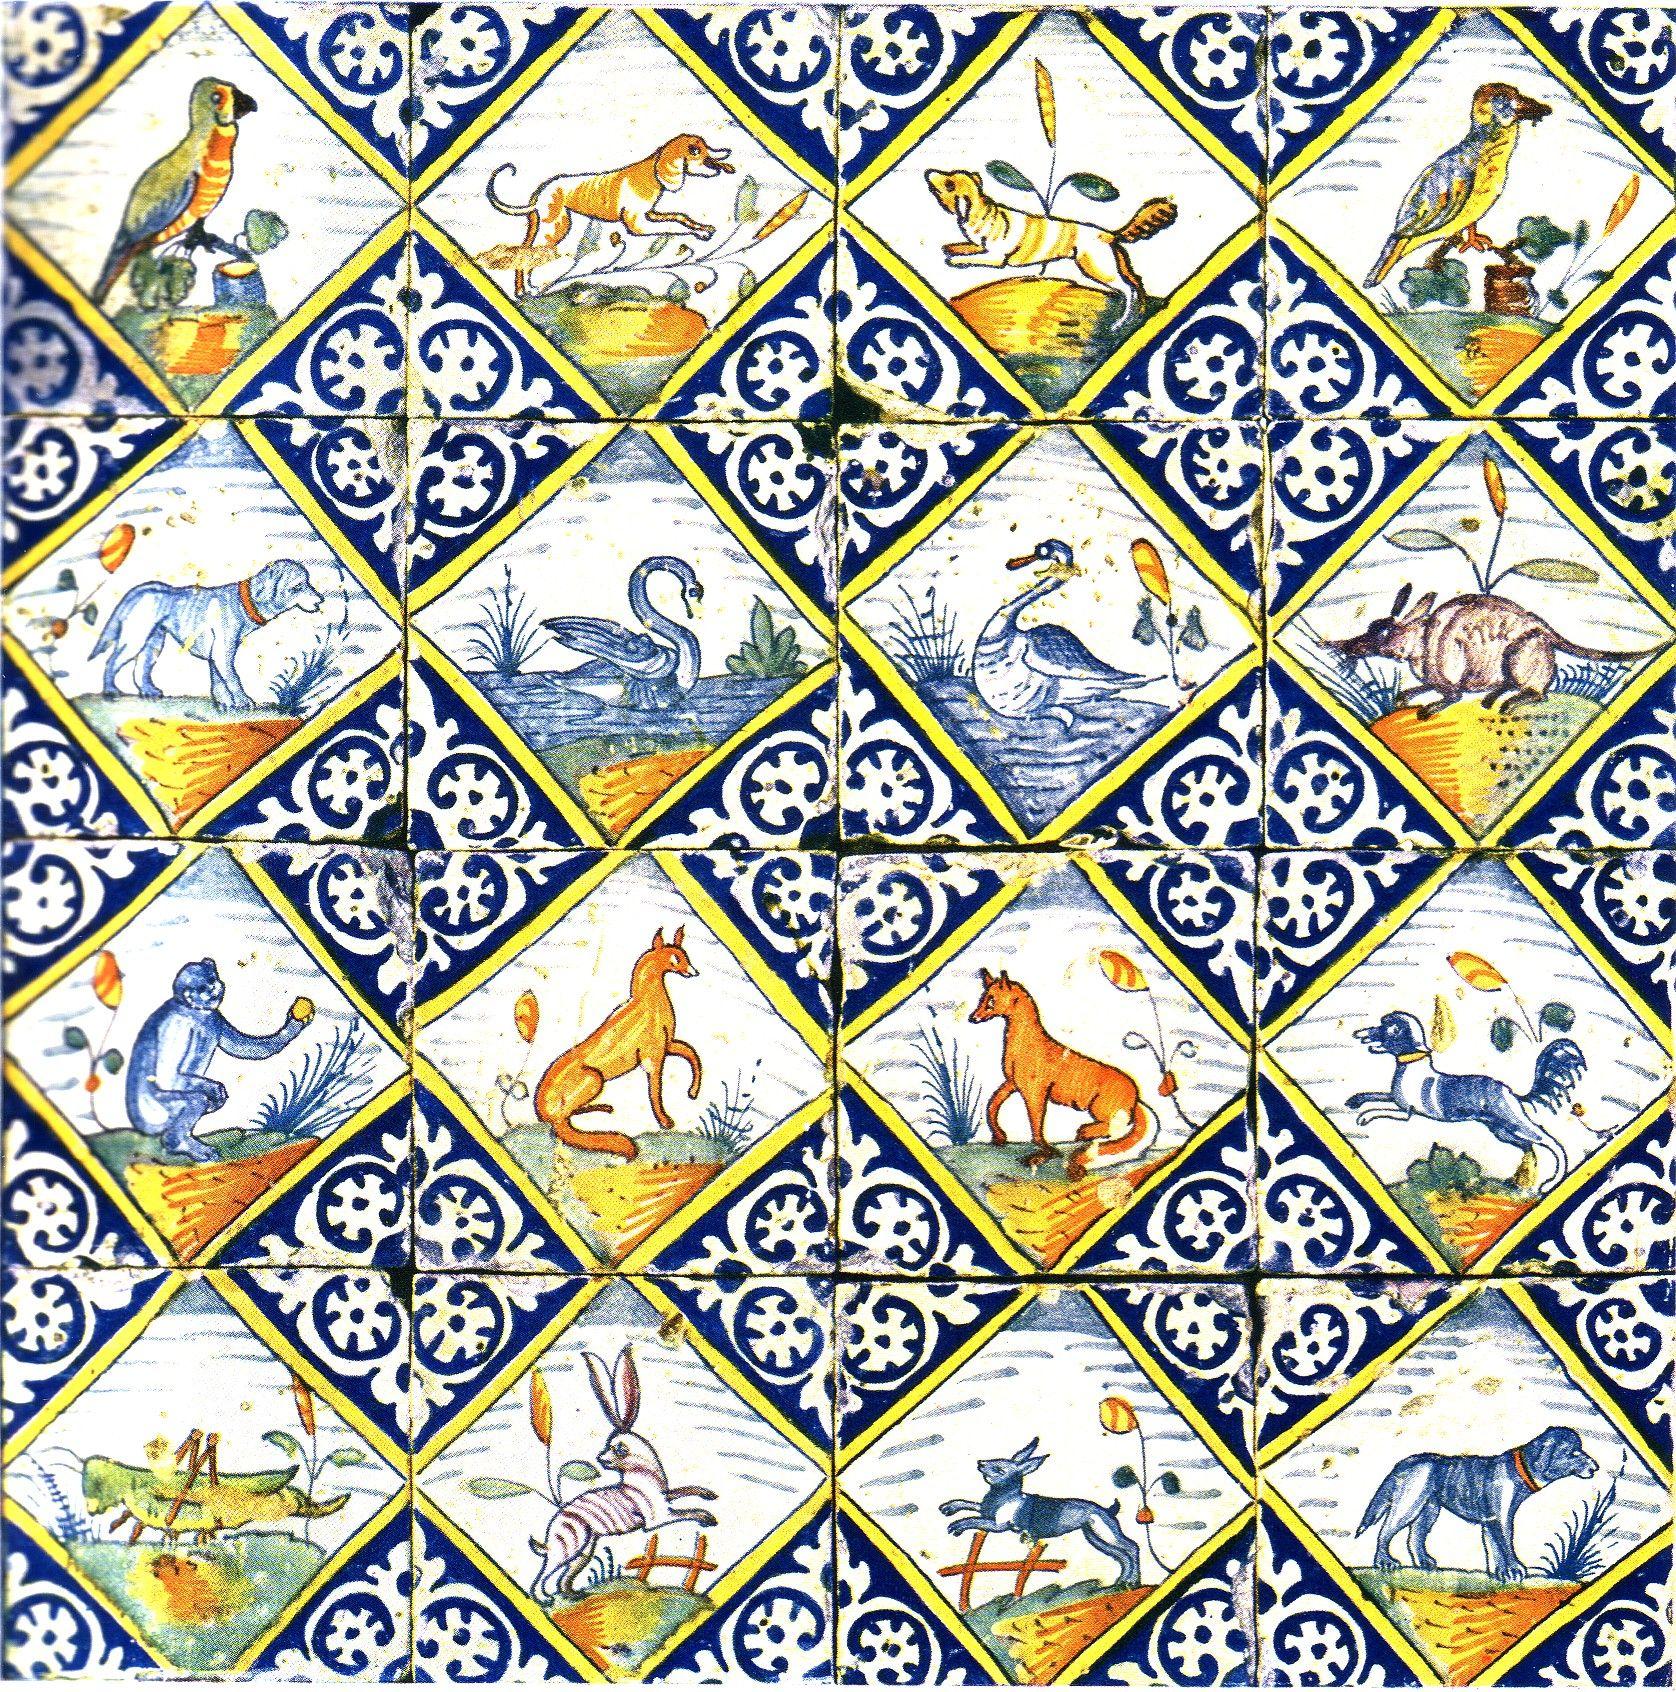 Tegeltableau met afbeeldingen van diverse soorten dieren, circa 1600.